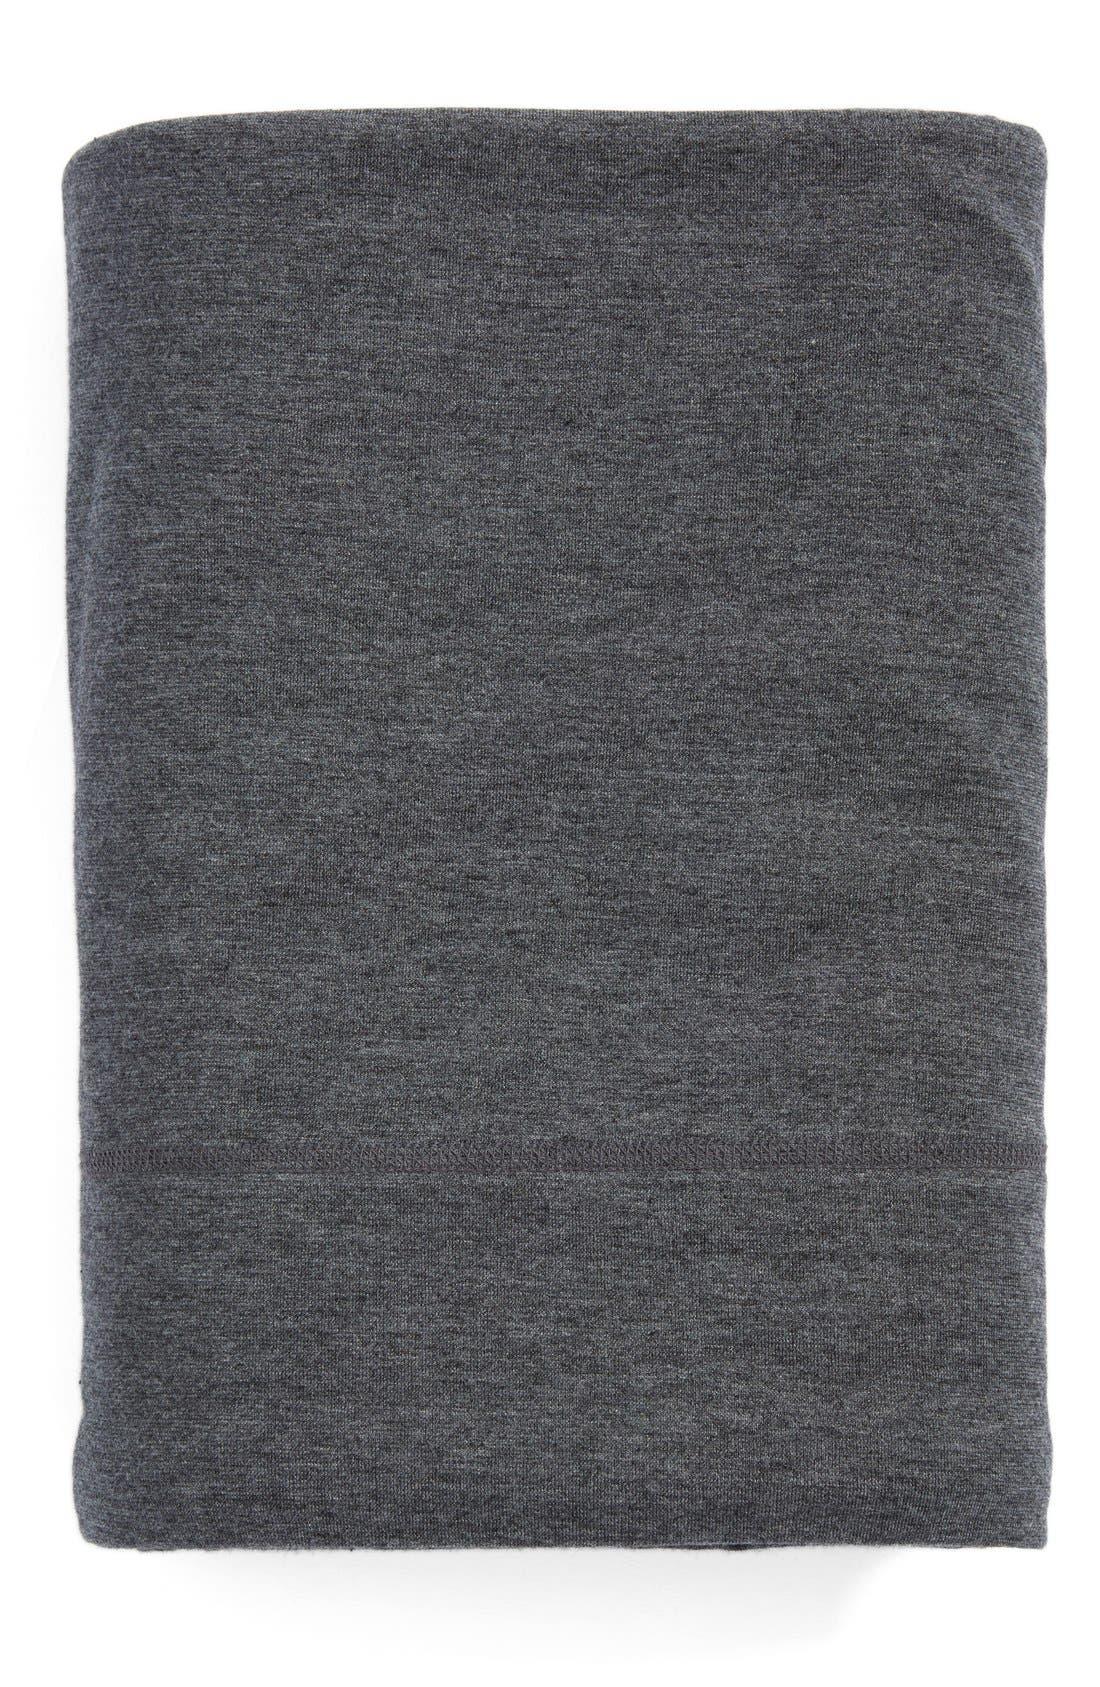 Calvin Klein Modern Cotton Collection Cotton & Modal Flat Sheet,                         Main,                         color, CHARCOAL